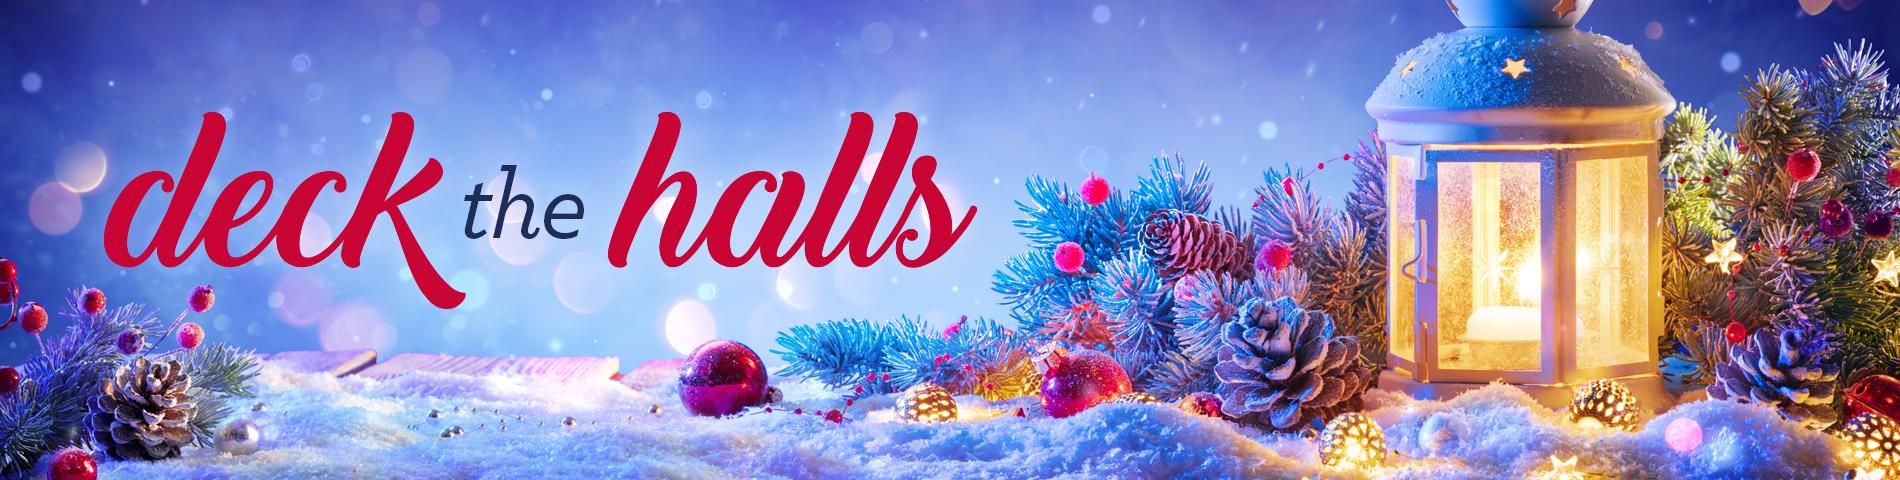 Deck the Halls - Christmas Decor